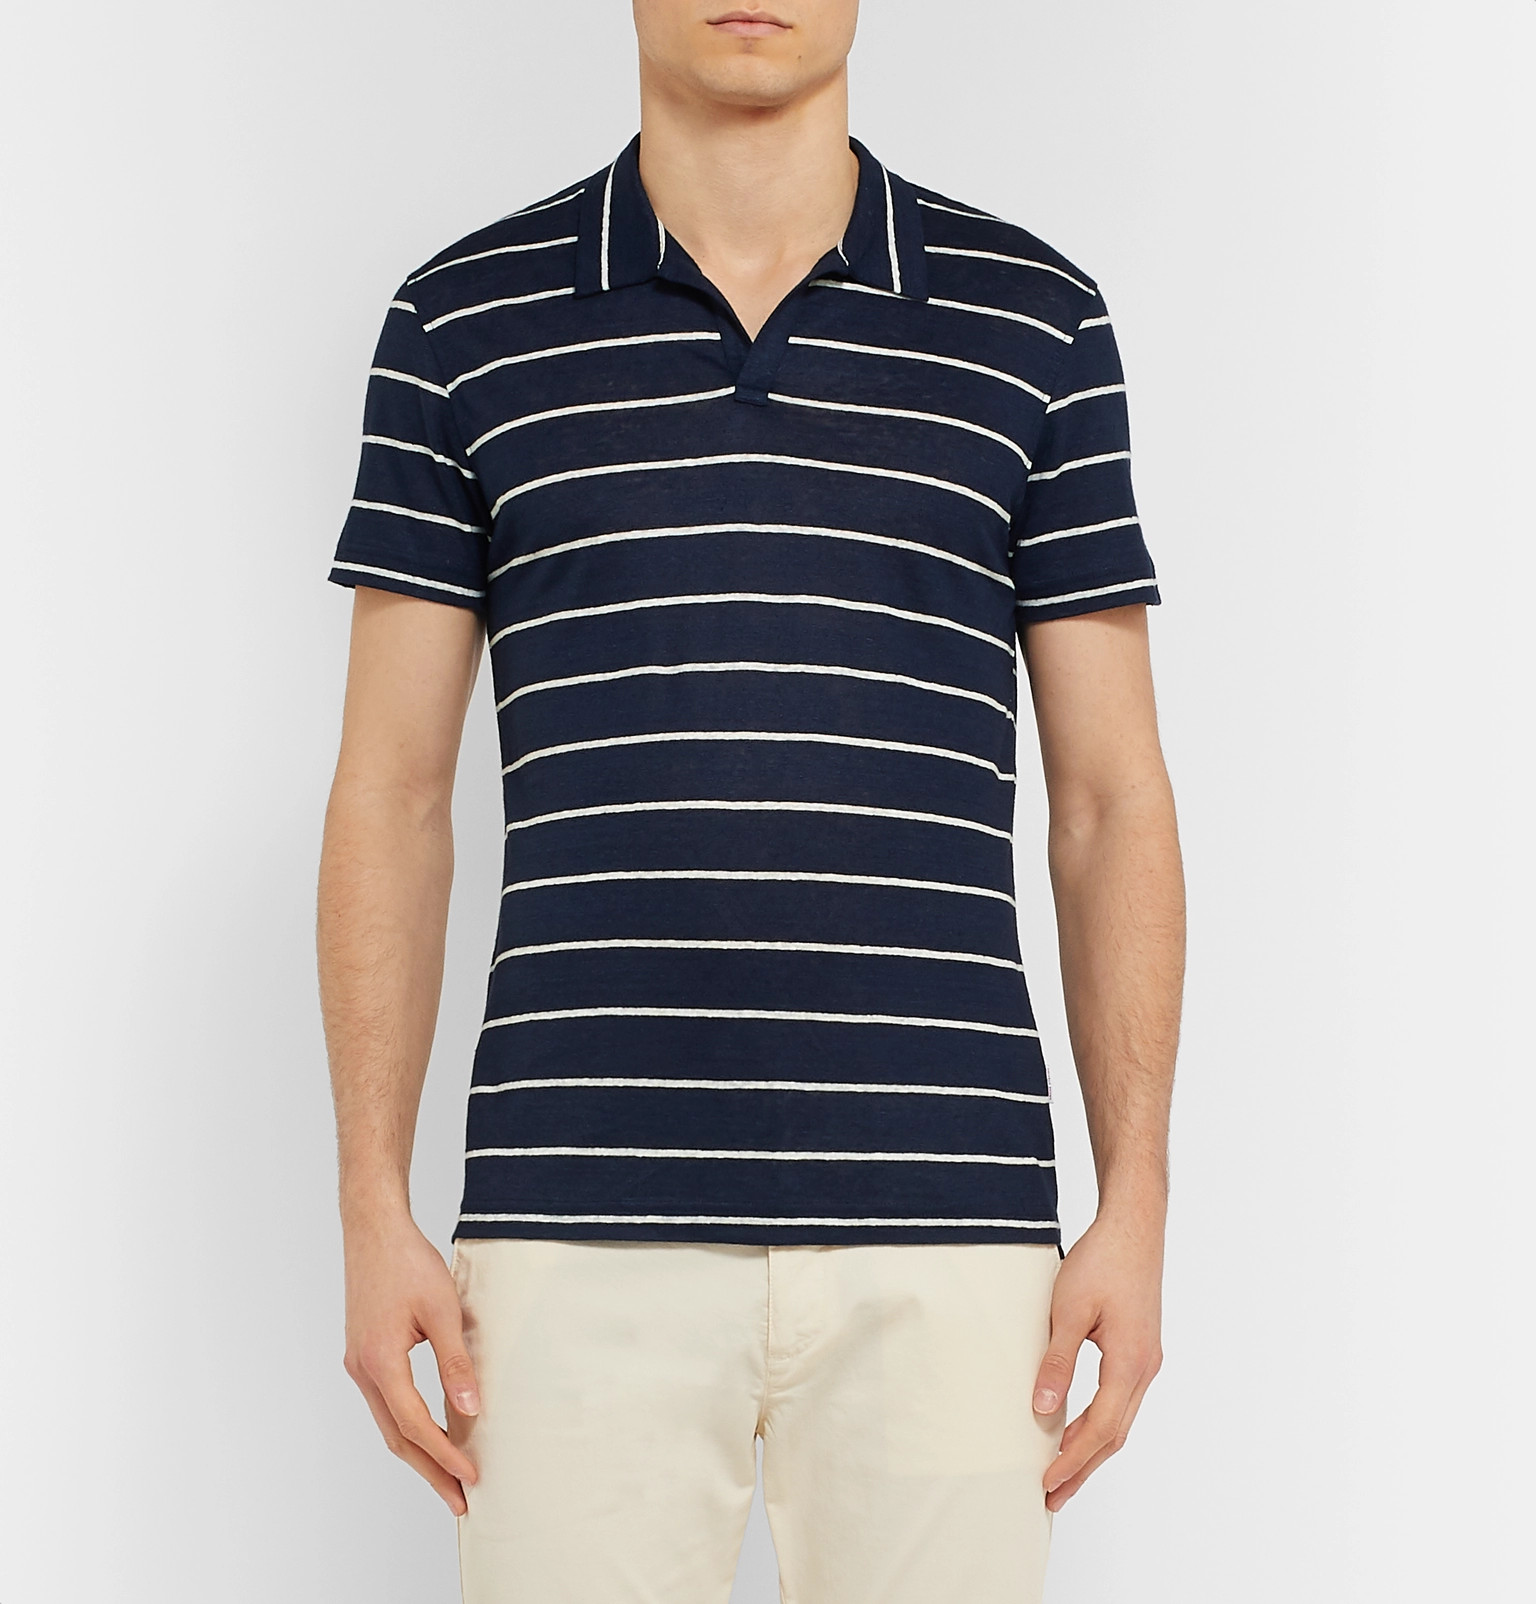 d44f77b4 Orlebar Brown - Felix Striped Linen Polo Shirt